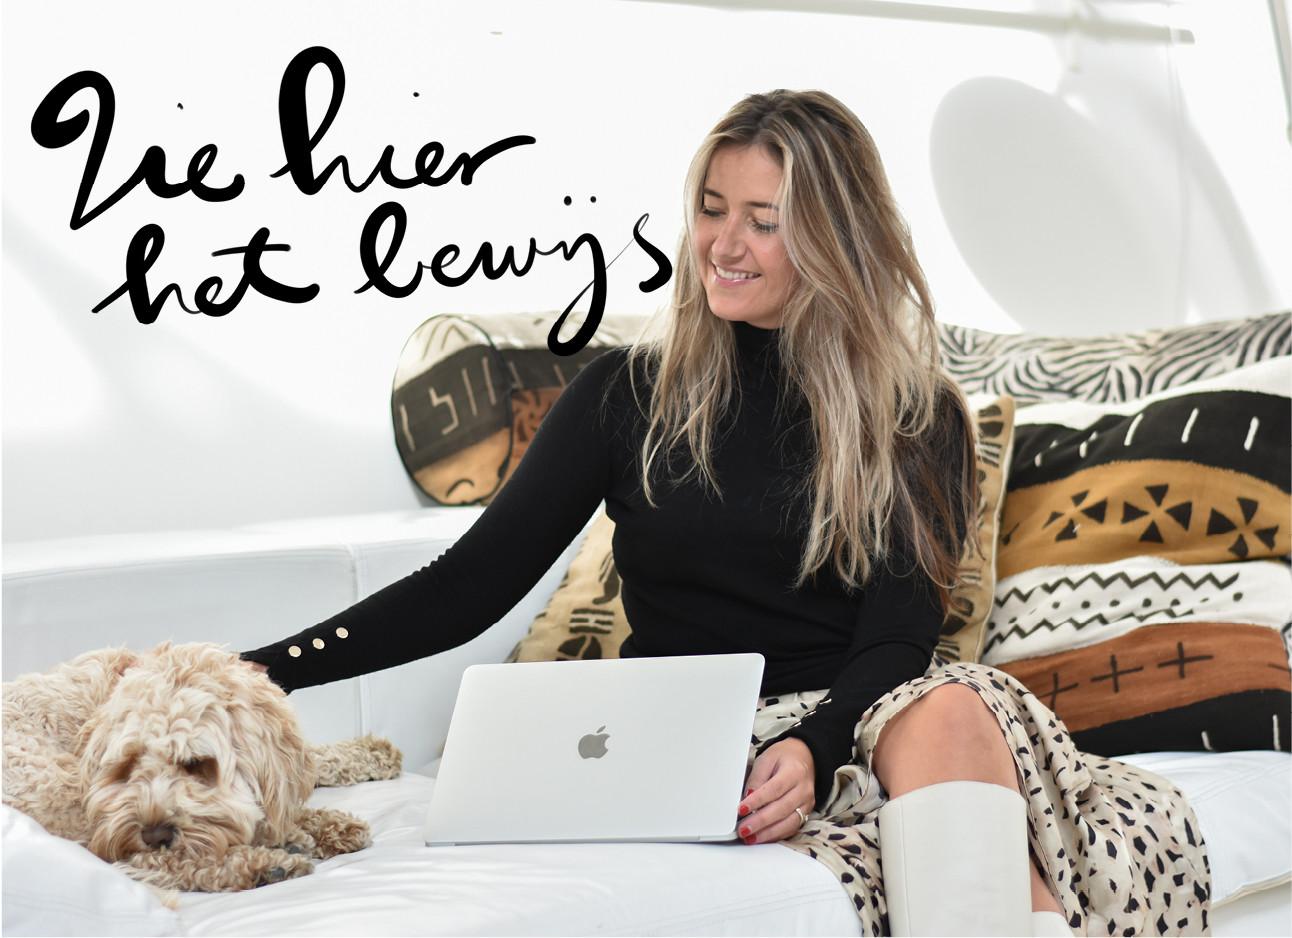 Tessa die op een witte bank zit met gekleurde kussentjes op de achtergrond met naast haar monti een lichtbruine hond